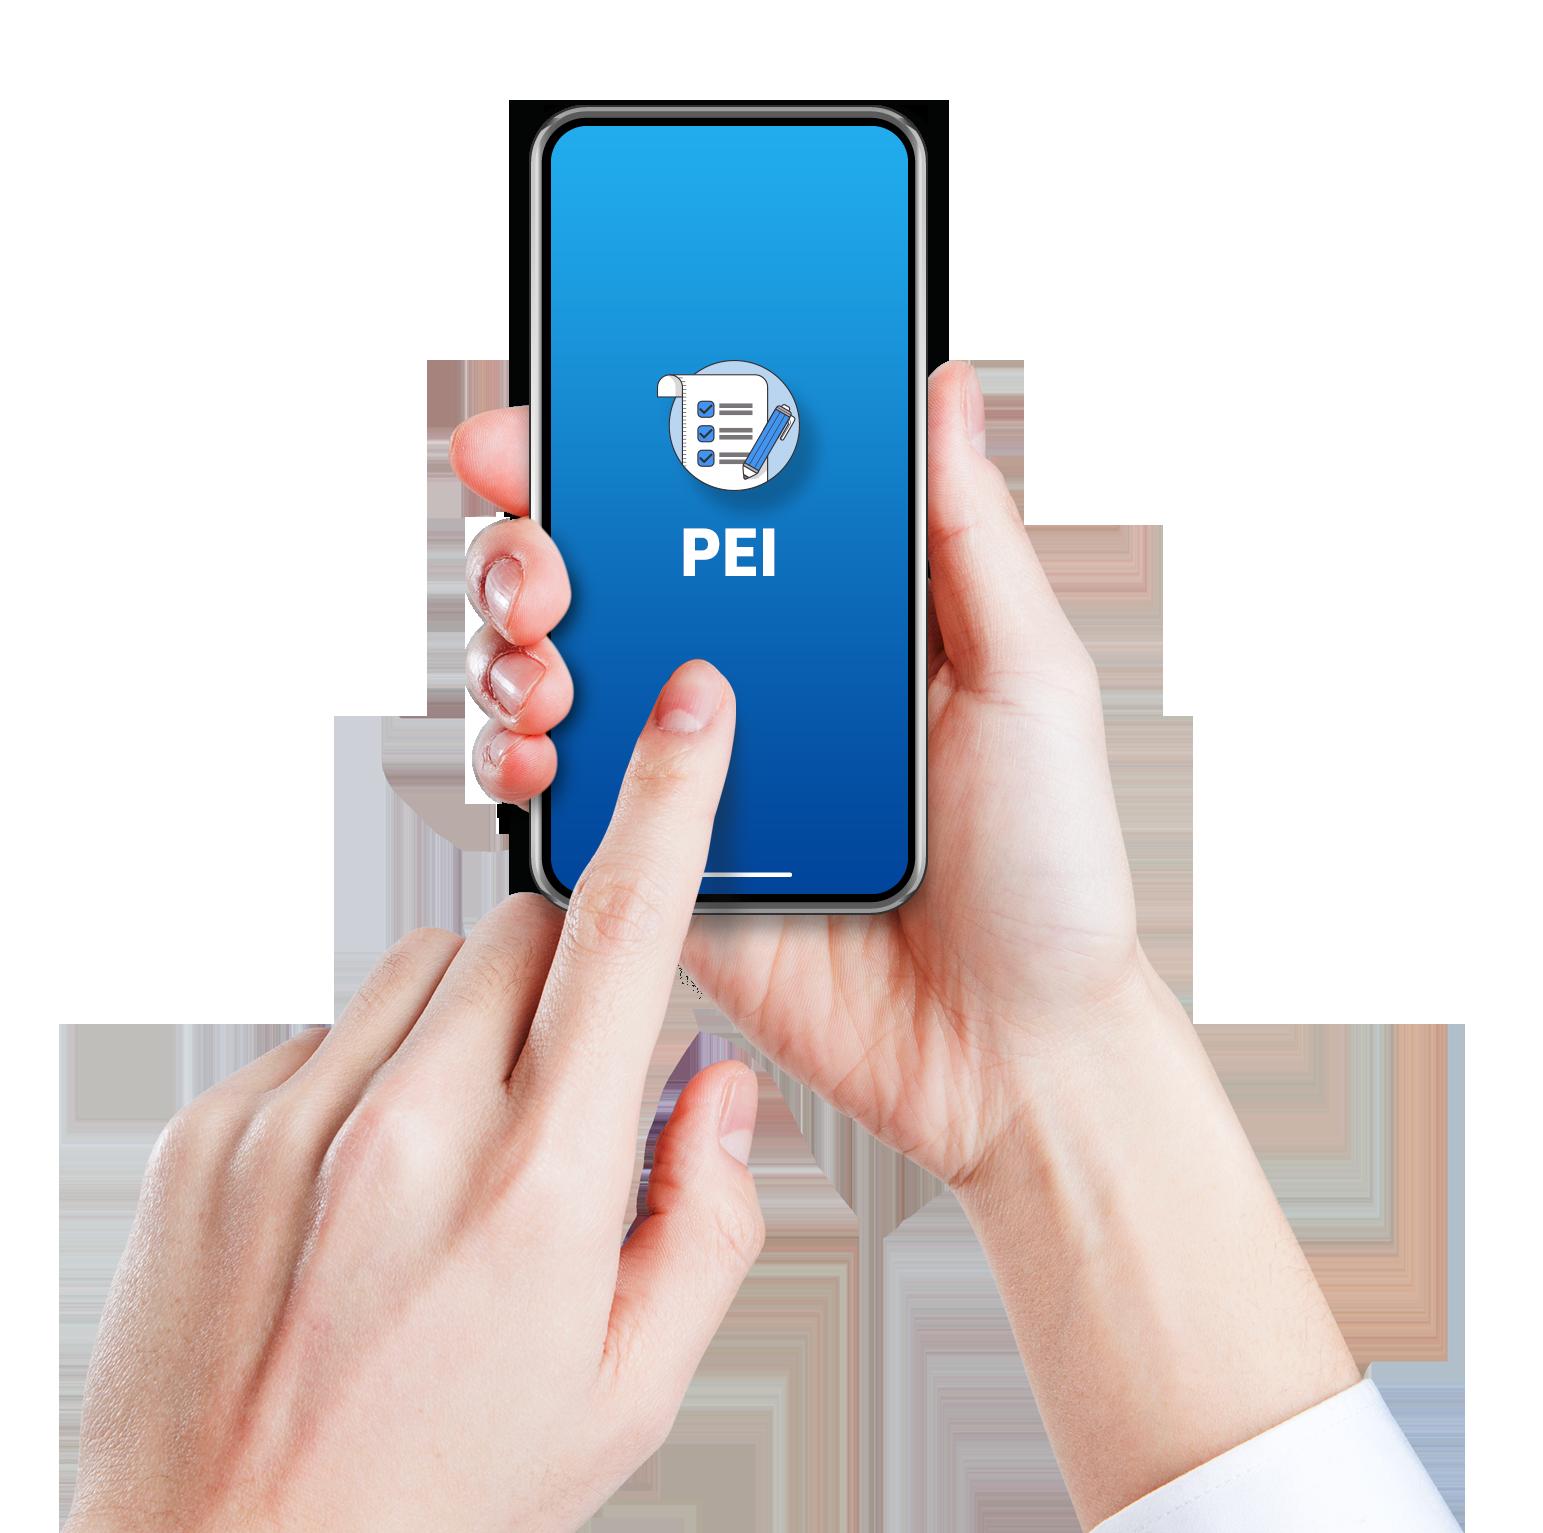 세마 환자경험평가(PEI) 솔루션